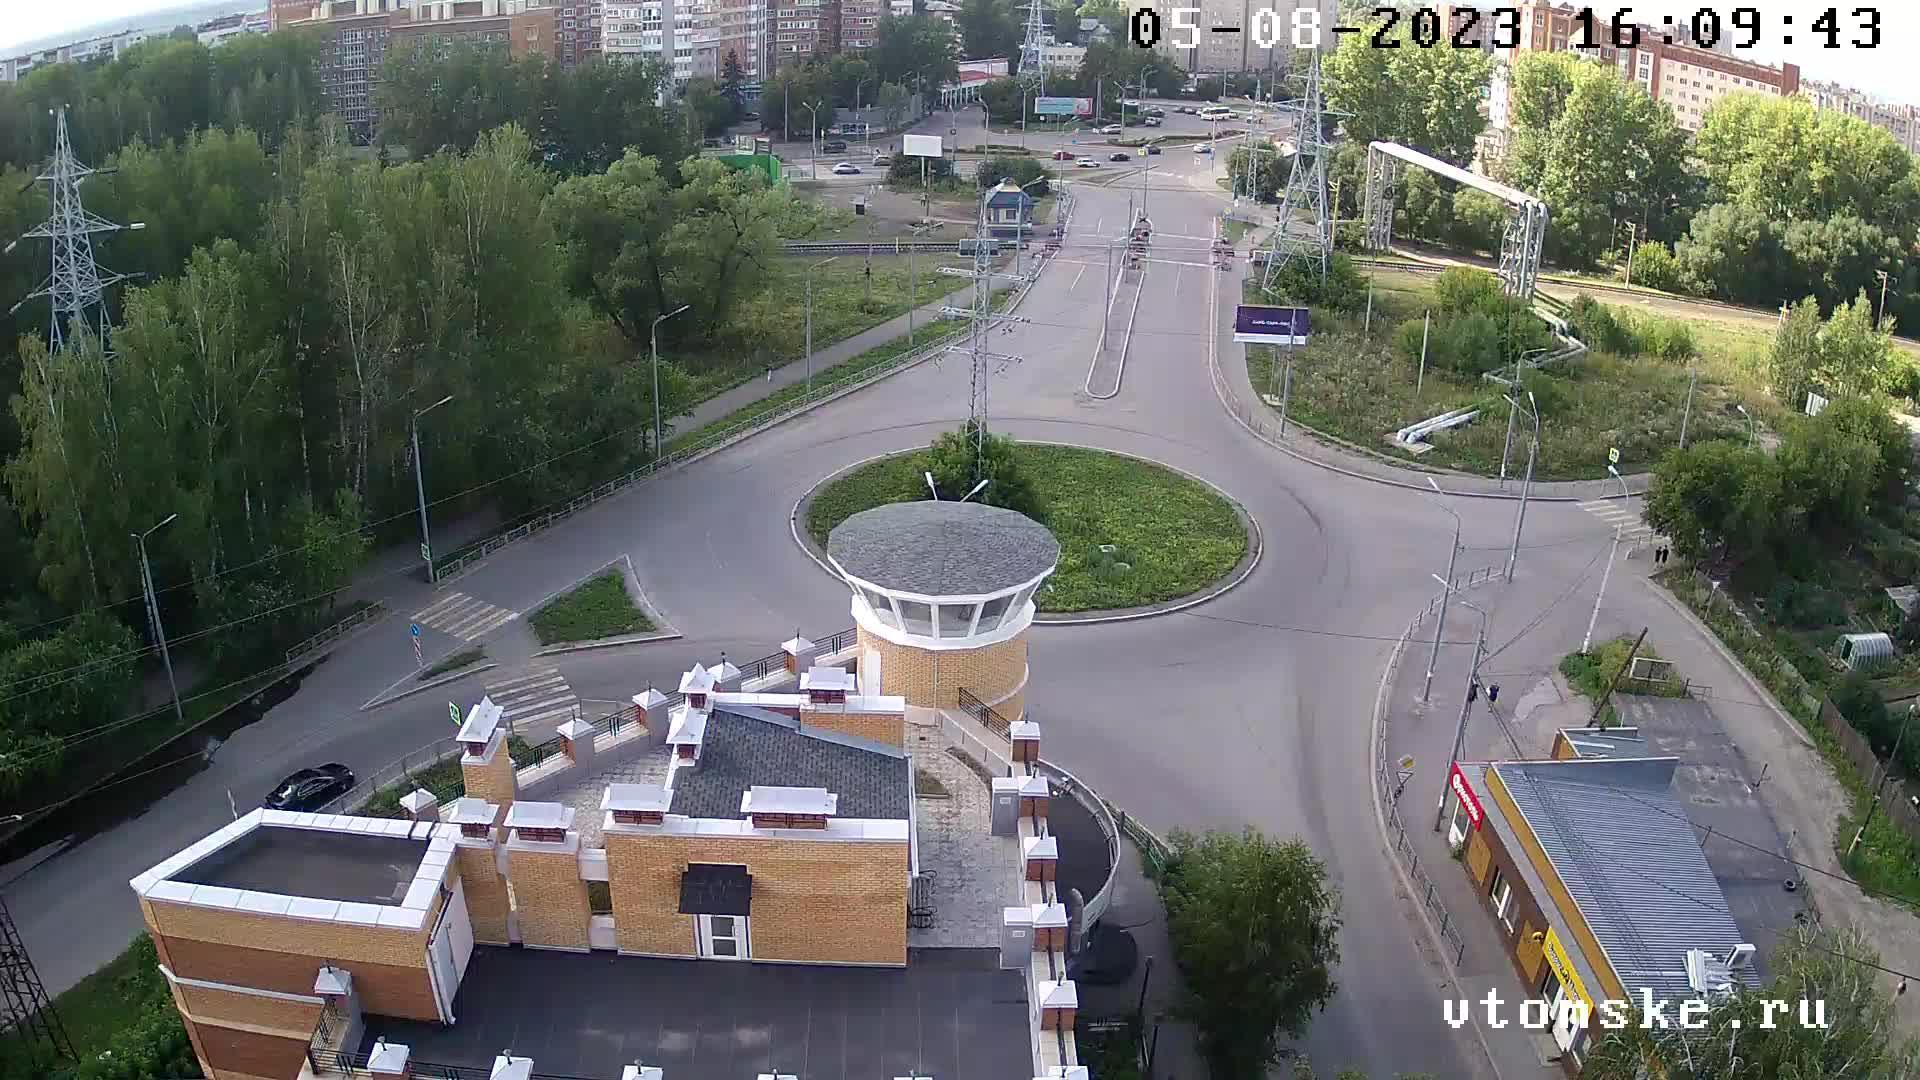 Webcam Tomsk: Площадь Южная − Мокрушинский переезд